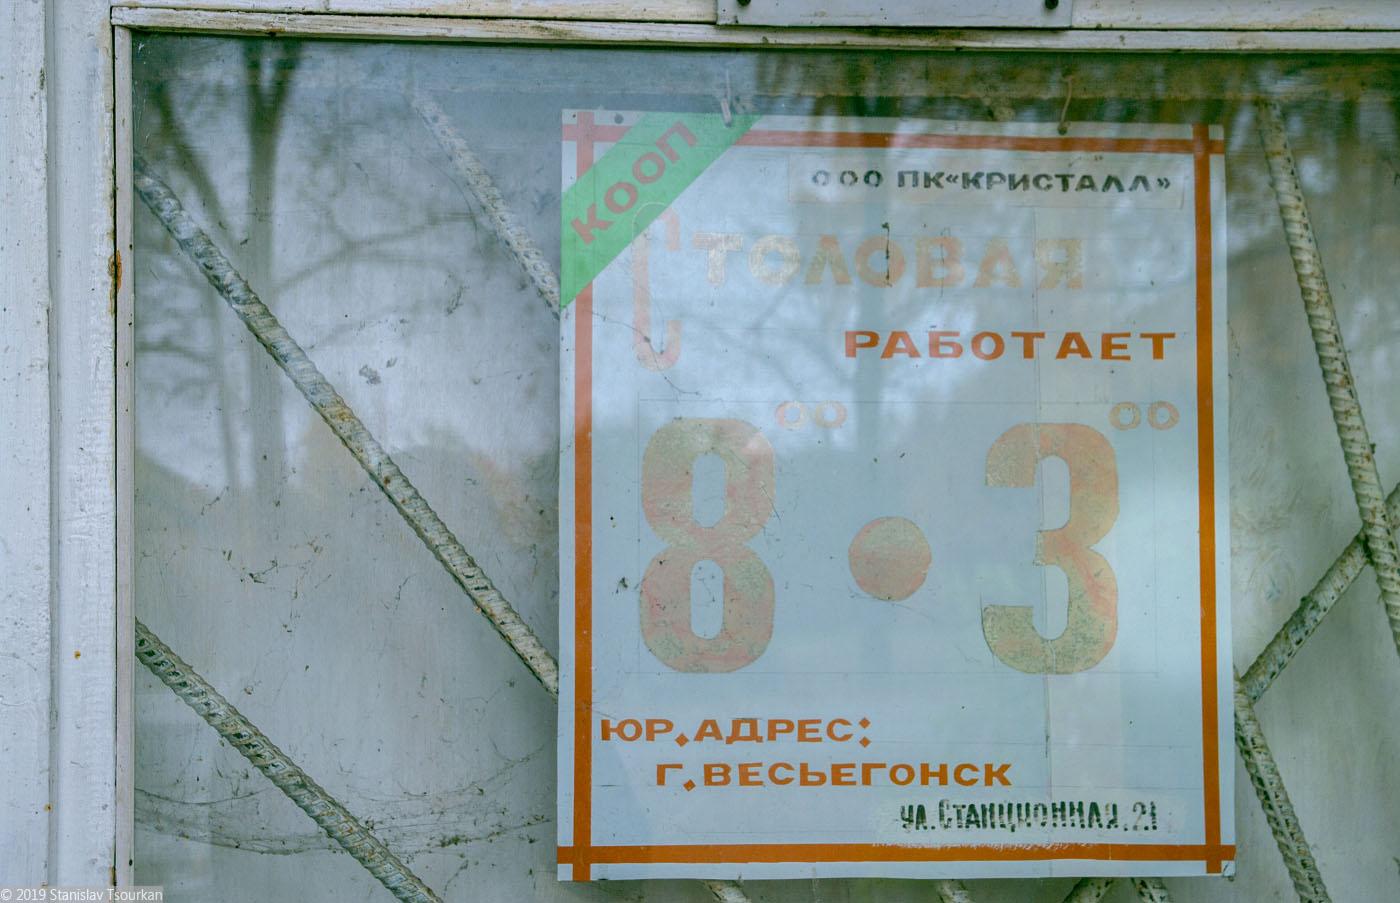 Весьегонск, Тверская область, улица Карла Маркса, столовая, Кристалл